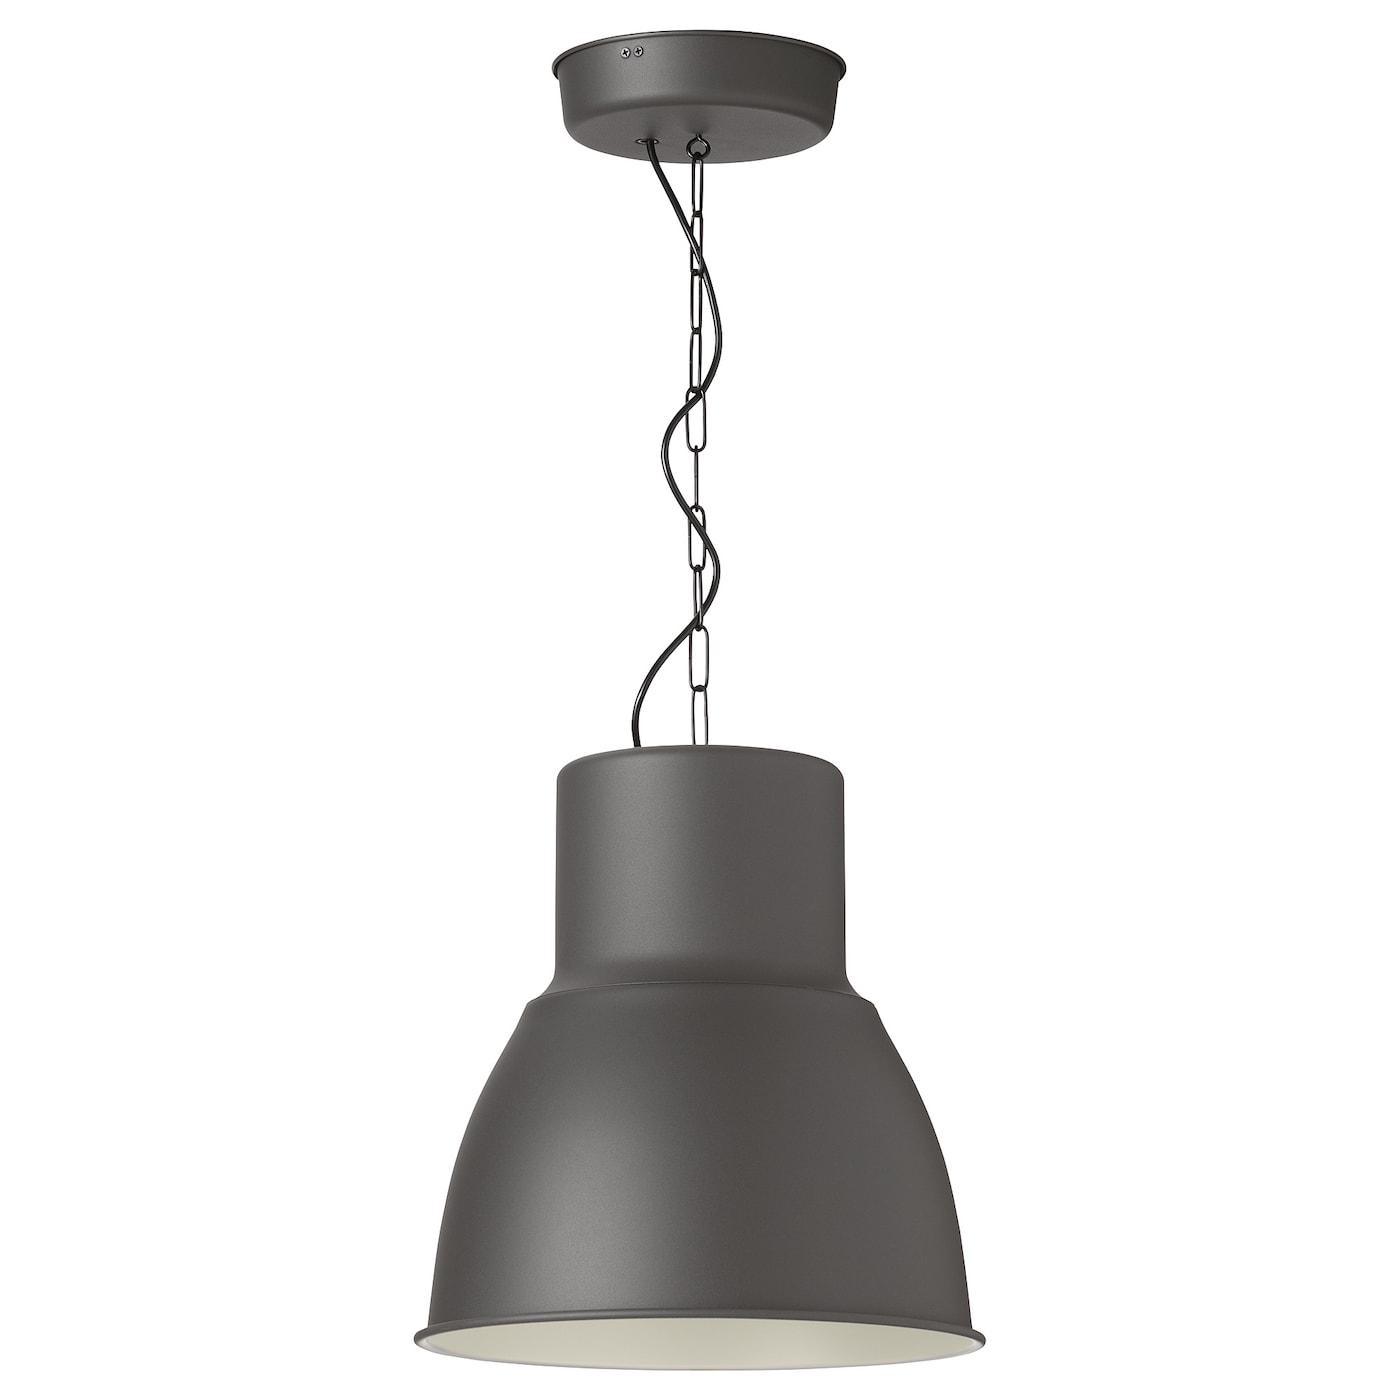 HEKTAR Taklampa mörkgrå 38 cm